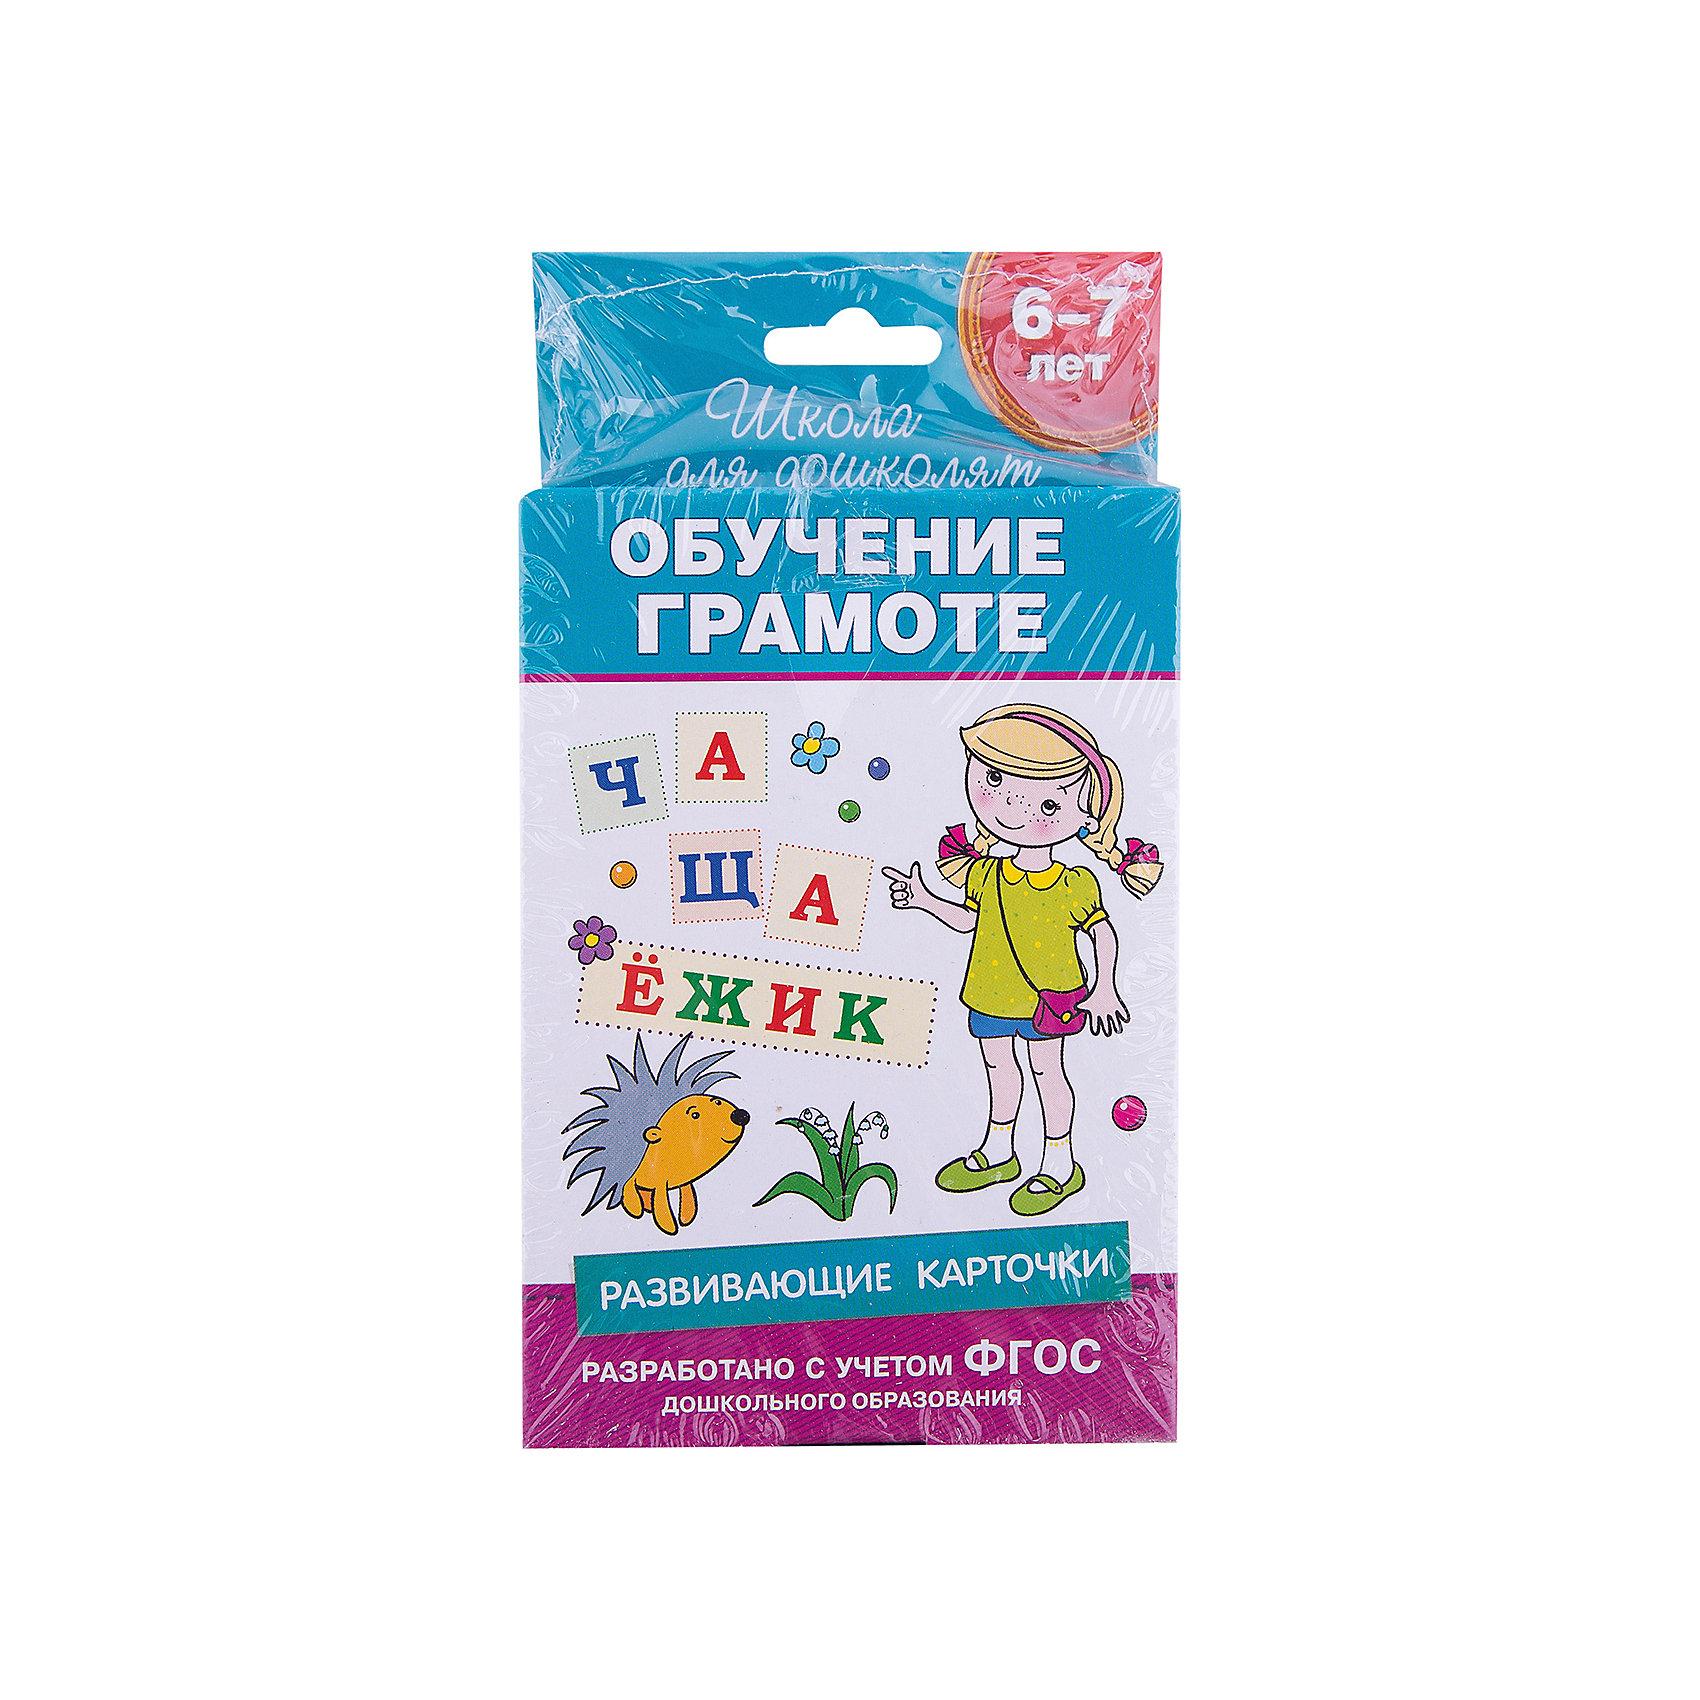 Развивающие карточки Обучение грамоте, Школа для дошколятРазвивающие игры<br>Набор развивающих карточек Обучение грамоте научит ребенка обозначать звуковой состав слов в виде схем, соотносить звуковые и слоговые схемы со словами.&#13;<br>Играя с карточками, ребенок научится ставить ударение в словах и определять местоположение заданного звука в слове. Карточки способствуют развитию фонематического слуха, помогают избегать ошибок в произношении слов, готовят к обучению в школе.<br><br>Ширина мм: 130<br>Глубина мм: 93<br>Высота мм: 21<br>Вес г: 161<br>Возраст от месяцев: 48<br>Возраст до месяцев: 84<br>Пол: Унисекс<br>Возраст: Детский<br>SKU: 4637430